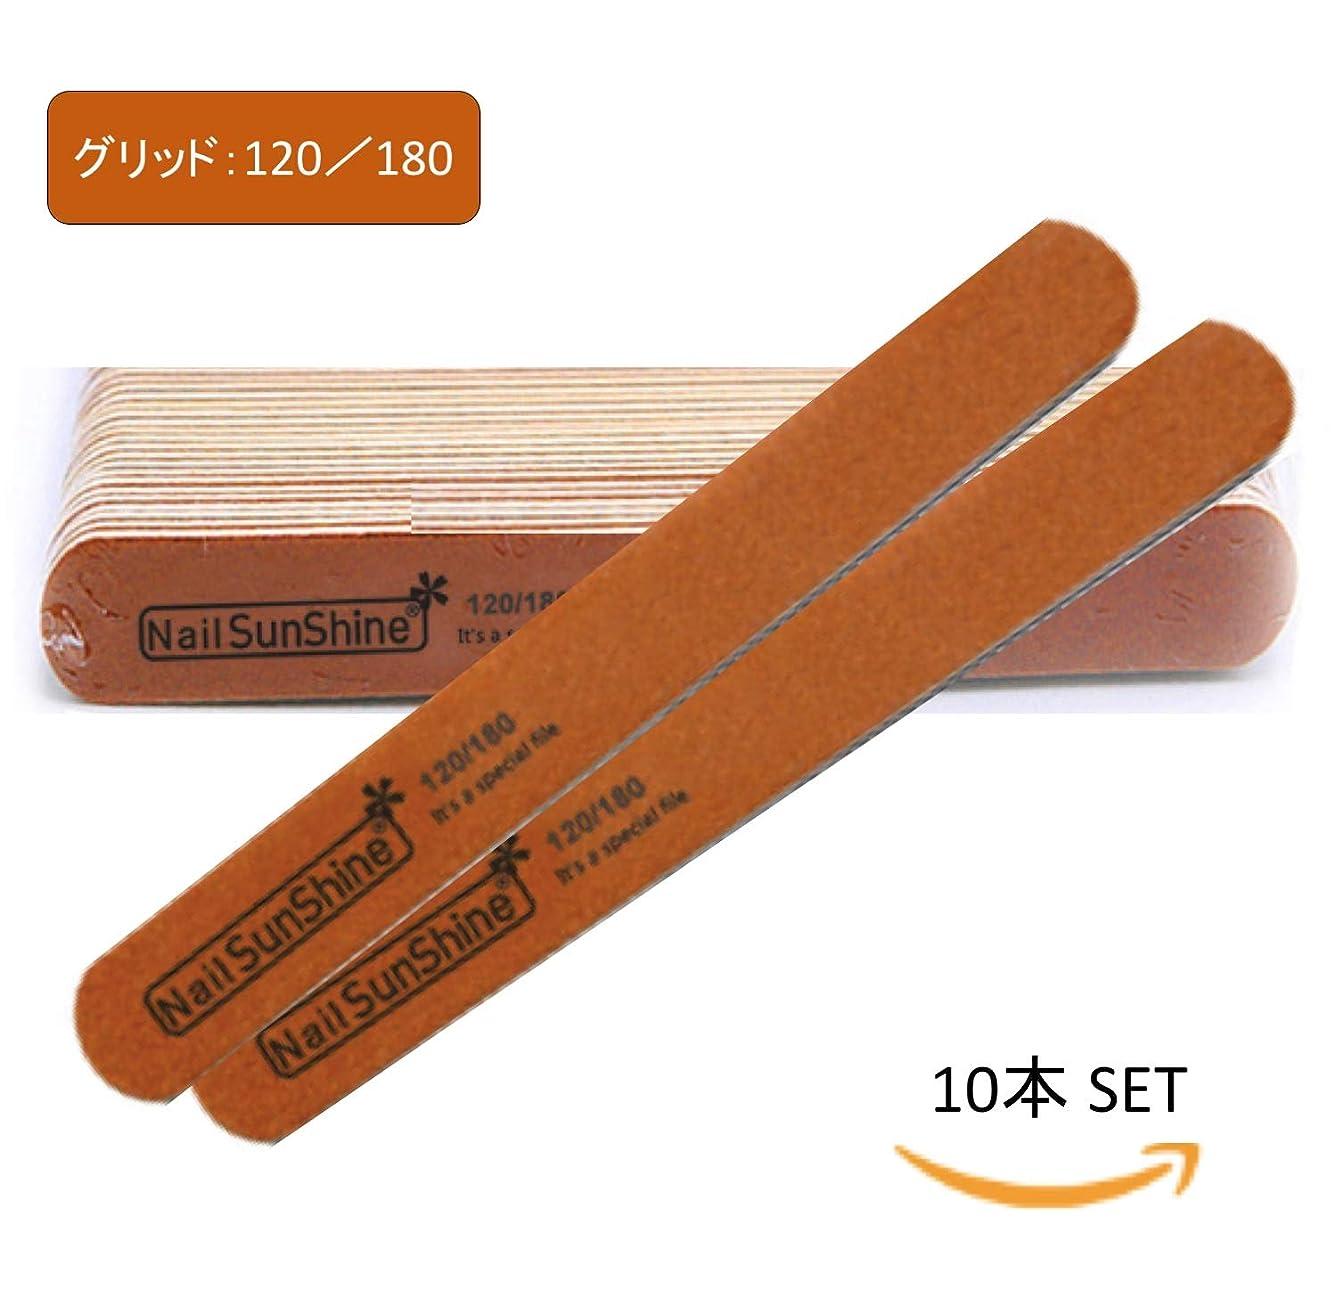 敬の念囲む敵BEATON JAPAN 爪やすり ネイルファイル エメリーボード アクリルファイル 100/150 180/240 240/320 10本セット ジェルオフ (120/180)